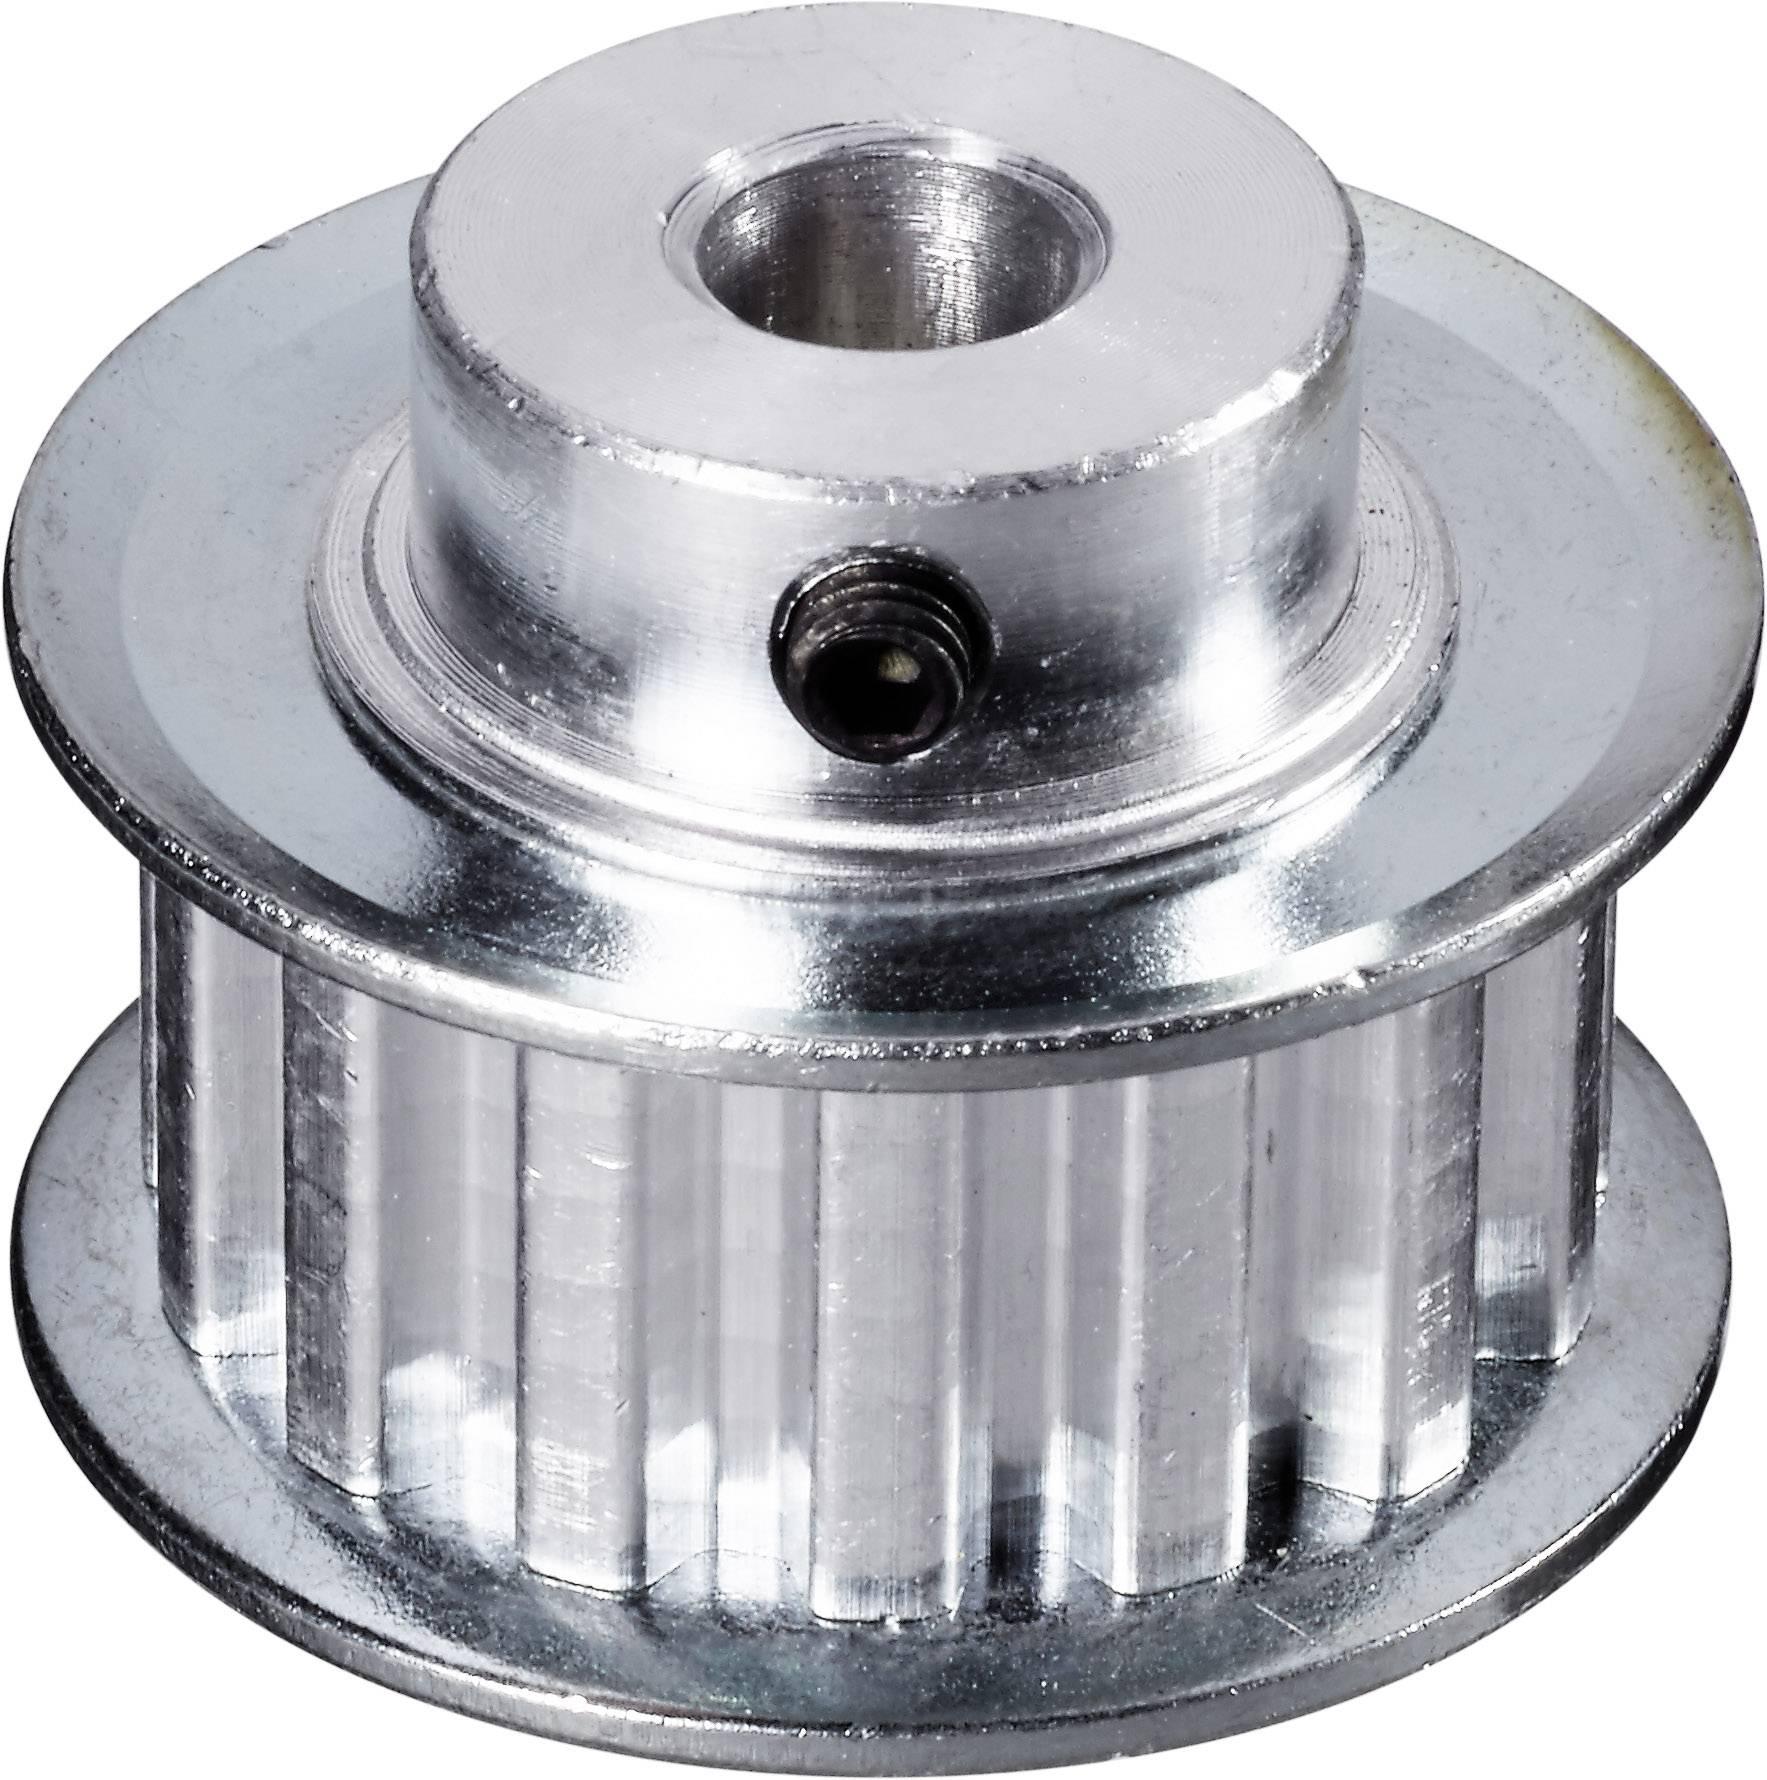 Ozubená řemenice hliníková Modelcraft, 30 zubů (8 mm)